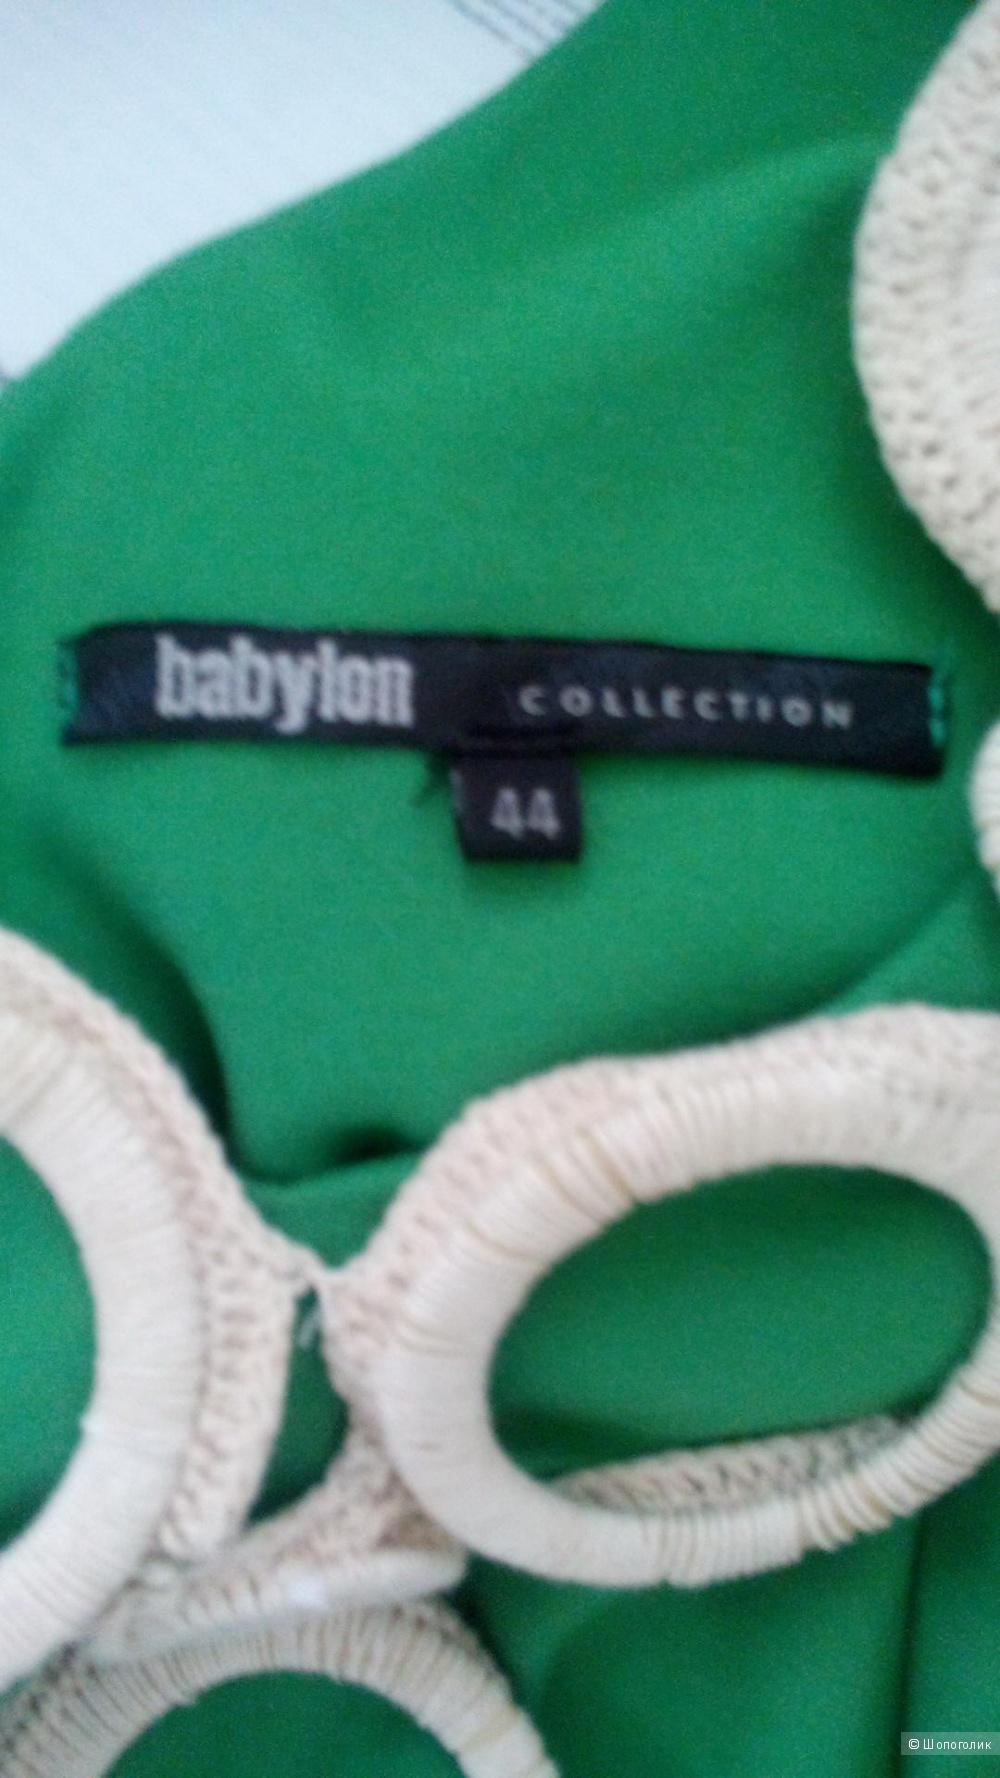 Платье трикотажное (вискоза) BABILON Италия в размере 44 IT(44 Росс)